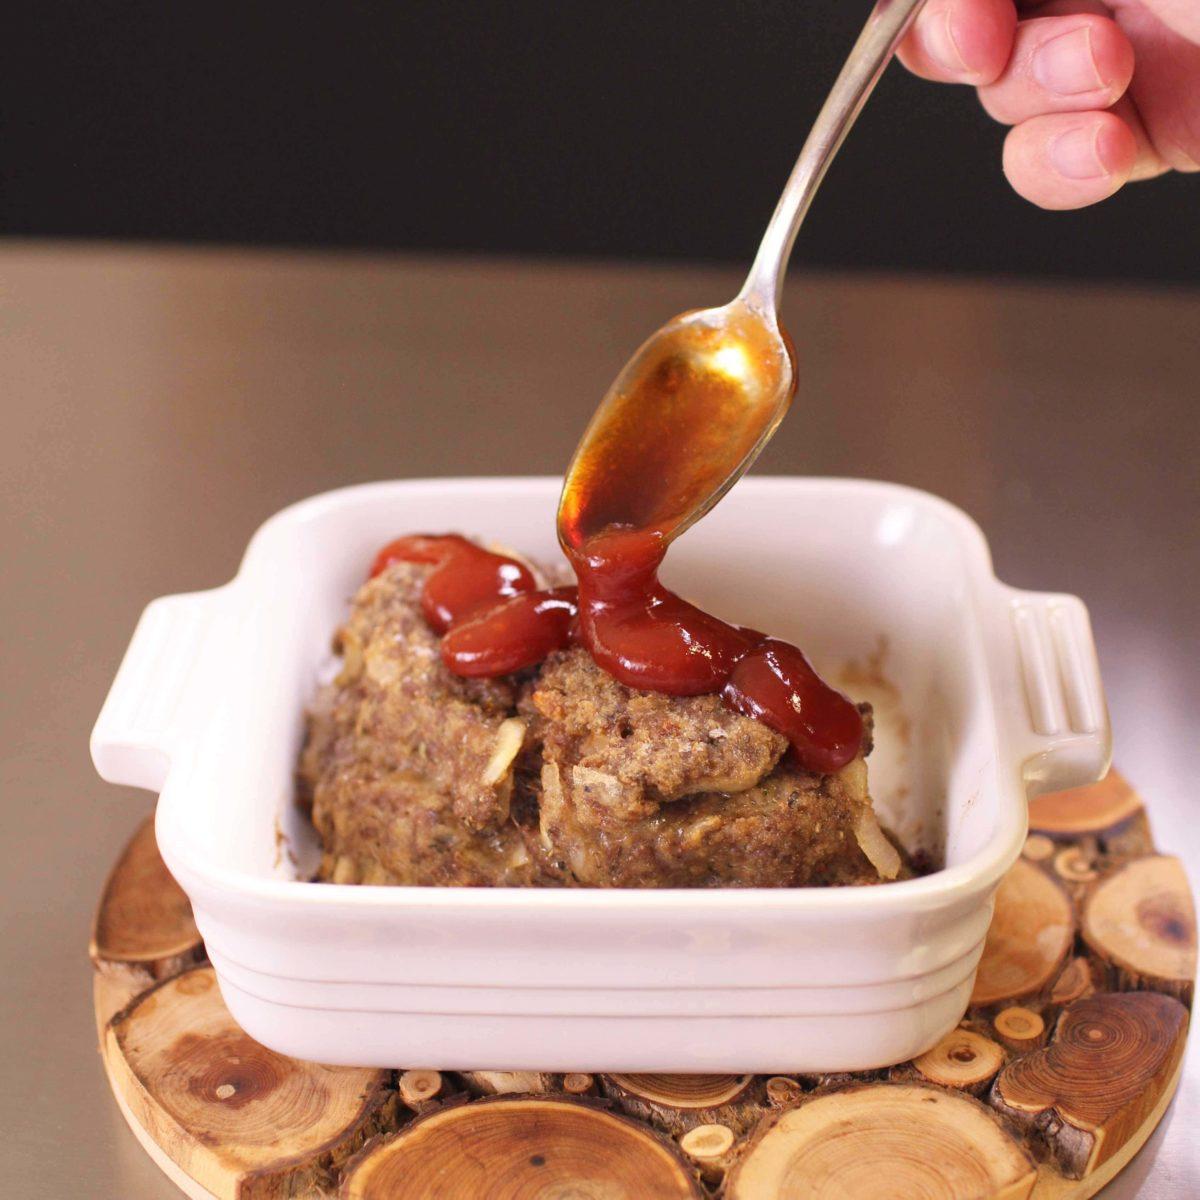 spooning glaze over meatloaf